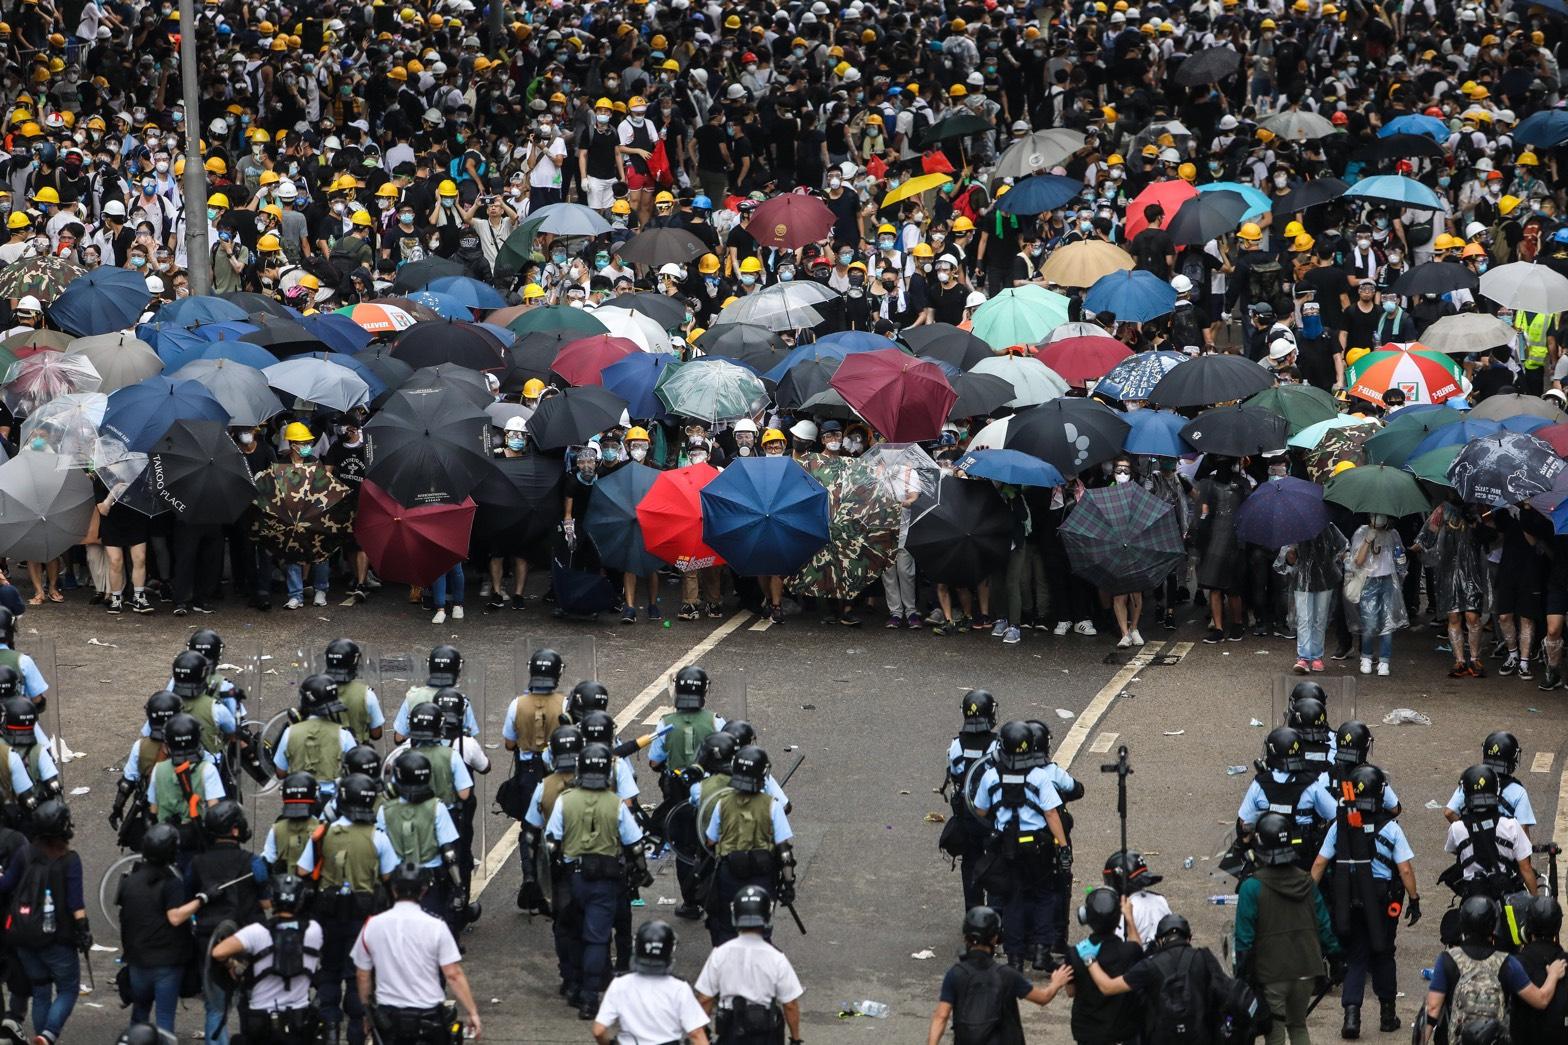 7.1大遊行迫近 港警發言人恐嚇言論遭譴責